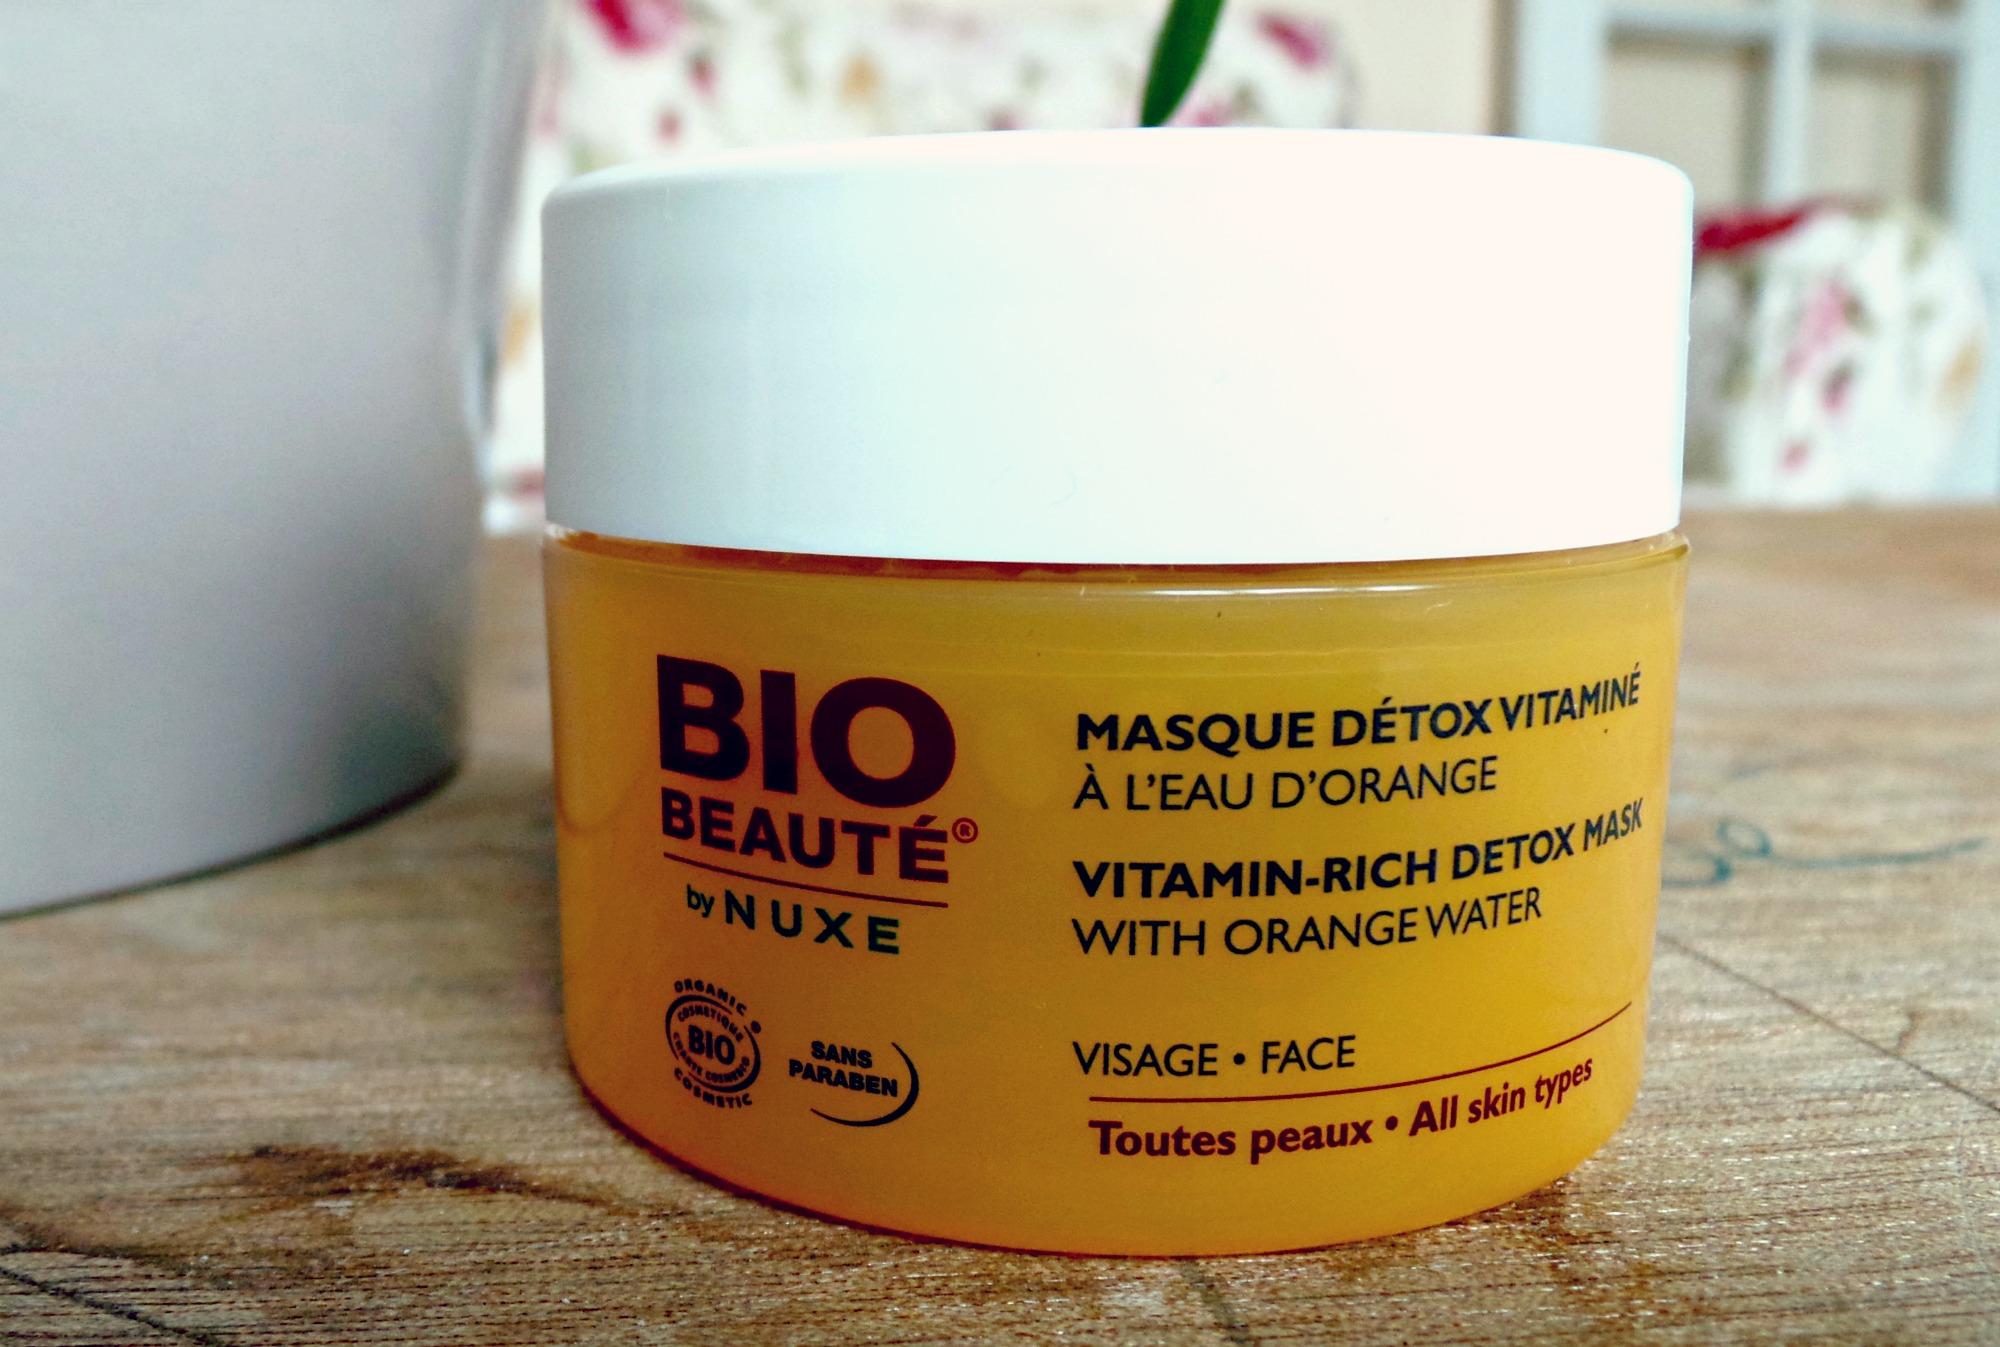 masque detox bio beauté nuxe